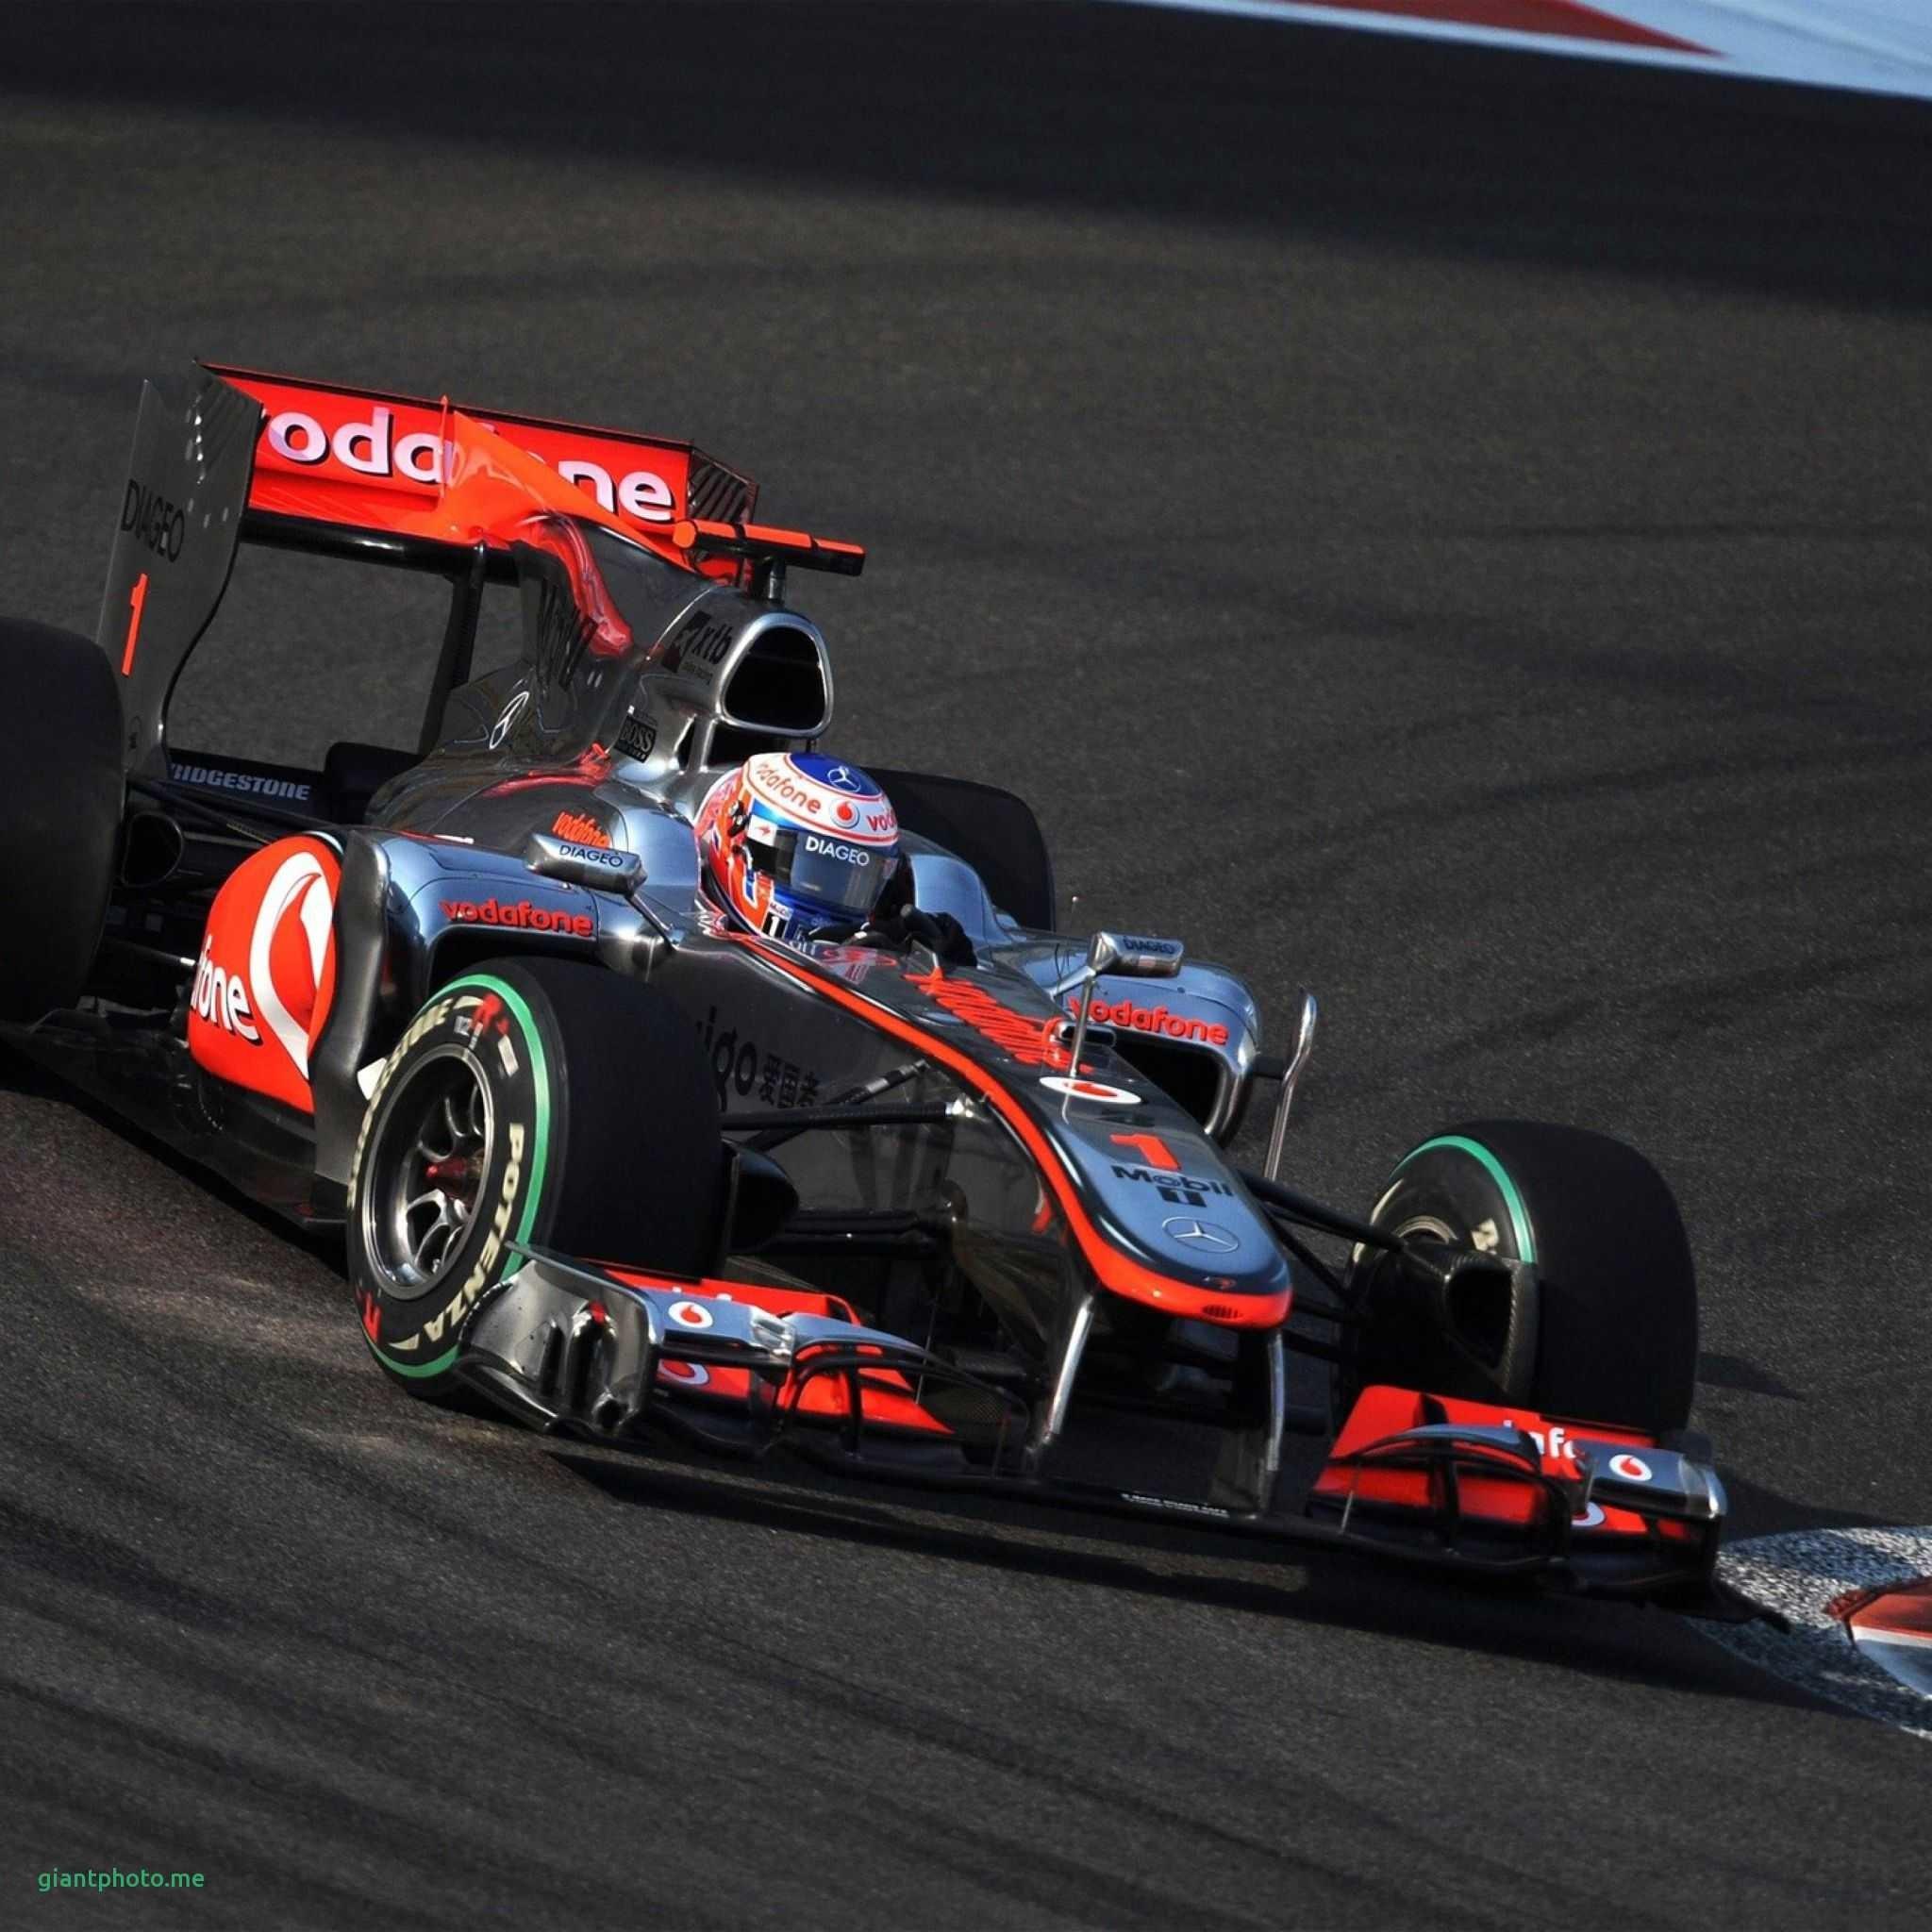 McLaren F1 Wallpaper HD (59+ Images